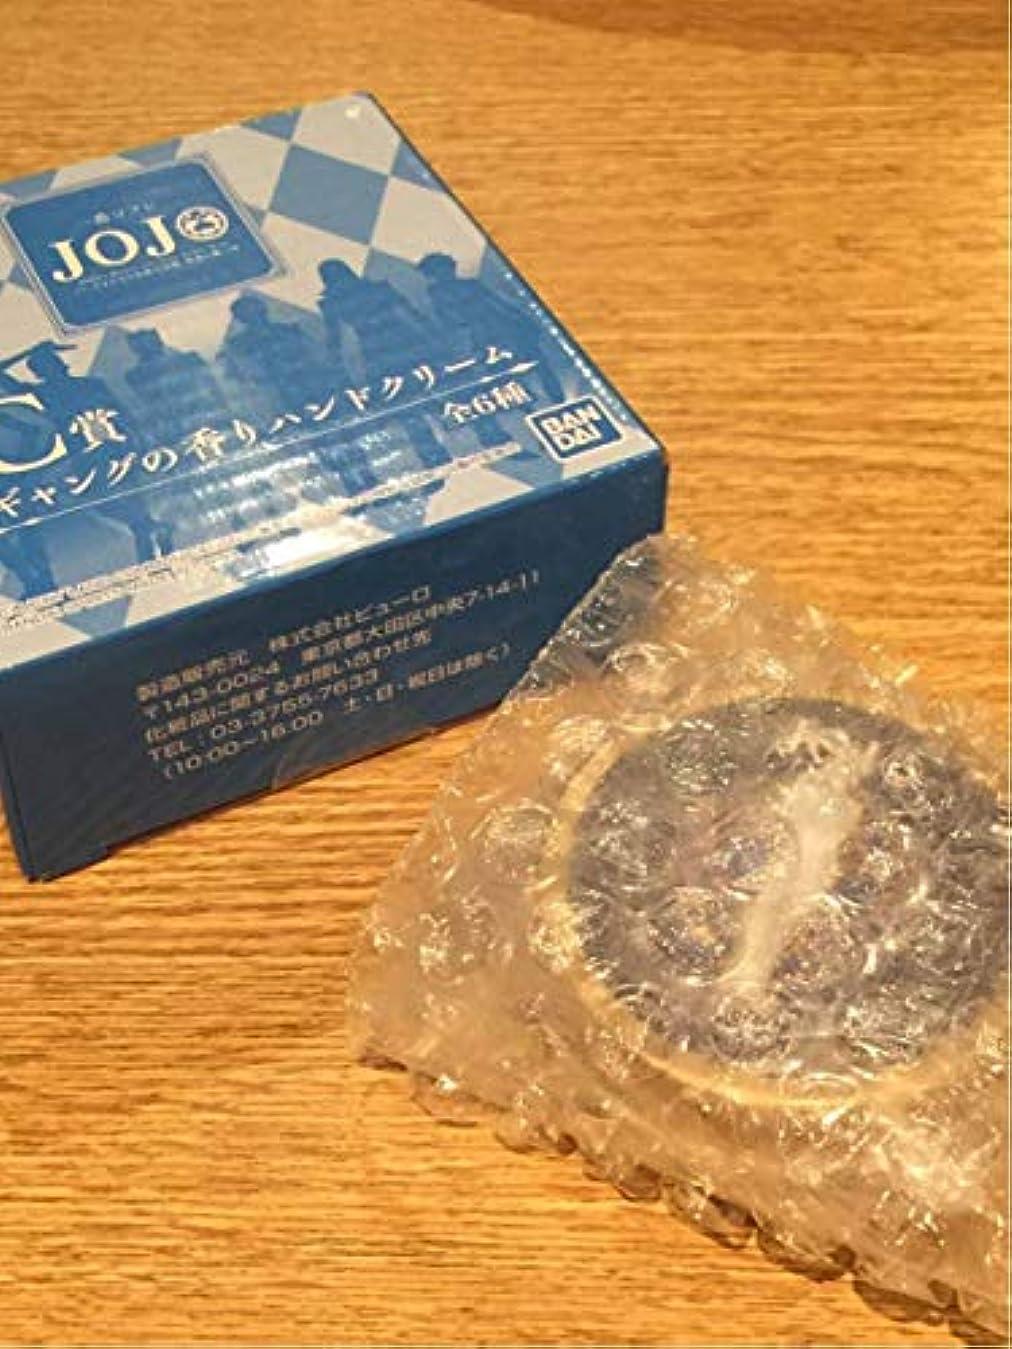 ランプパンチ小間ブチャラティ ハンドクリーム ジョジョの奇妙な冒険 1番くじコフレC賞 ギャングの香り